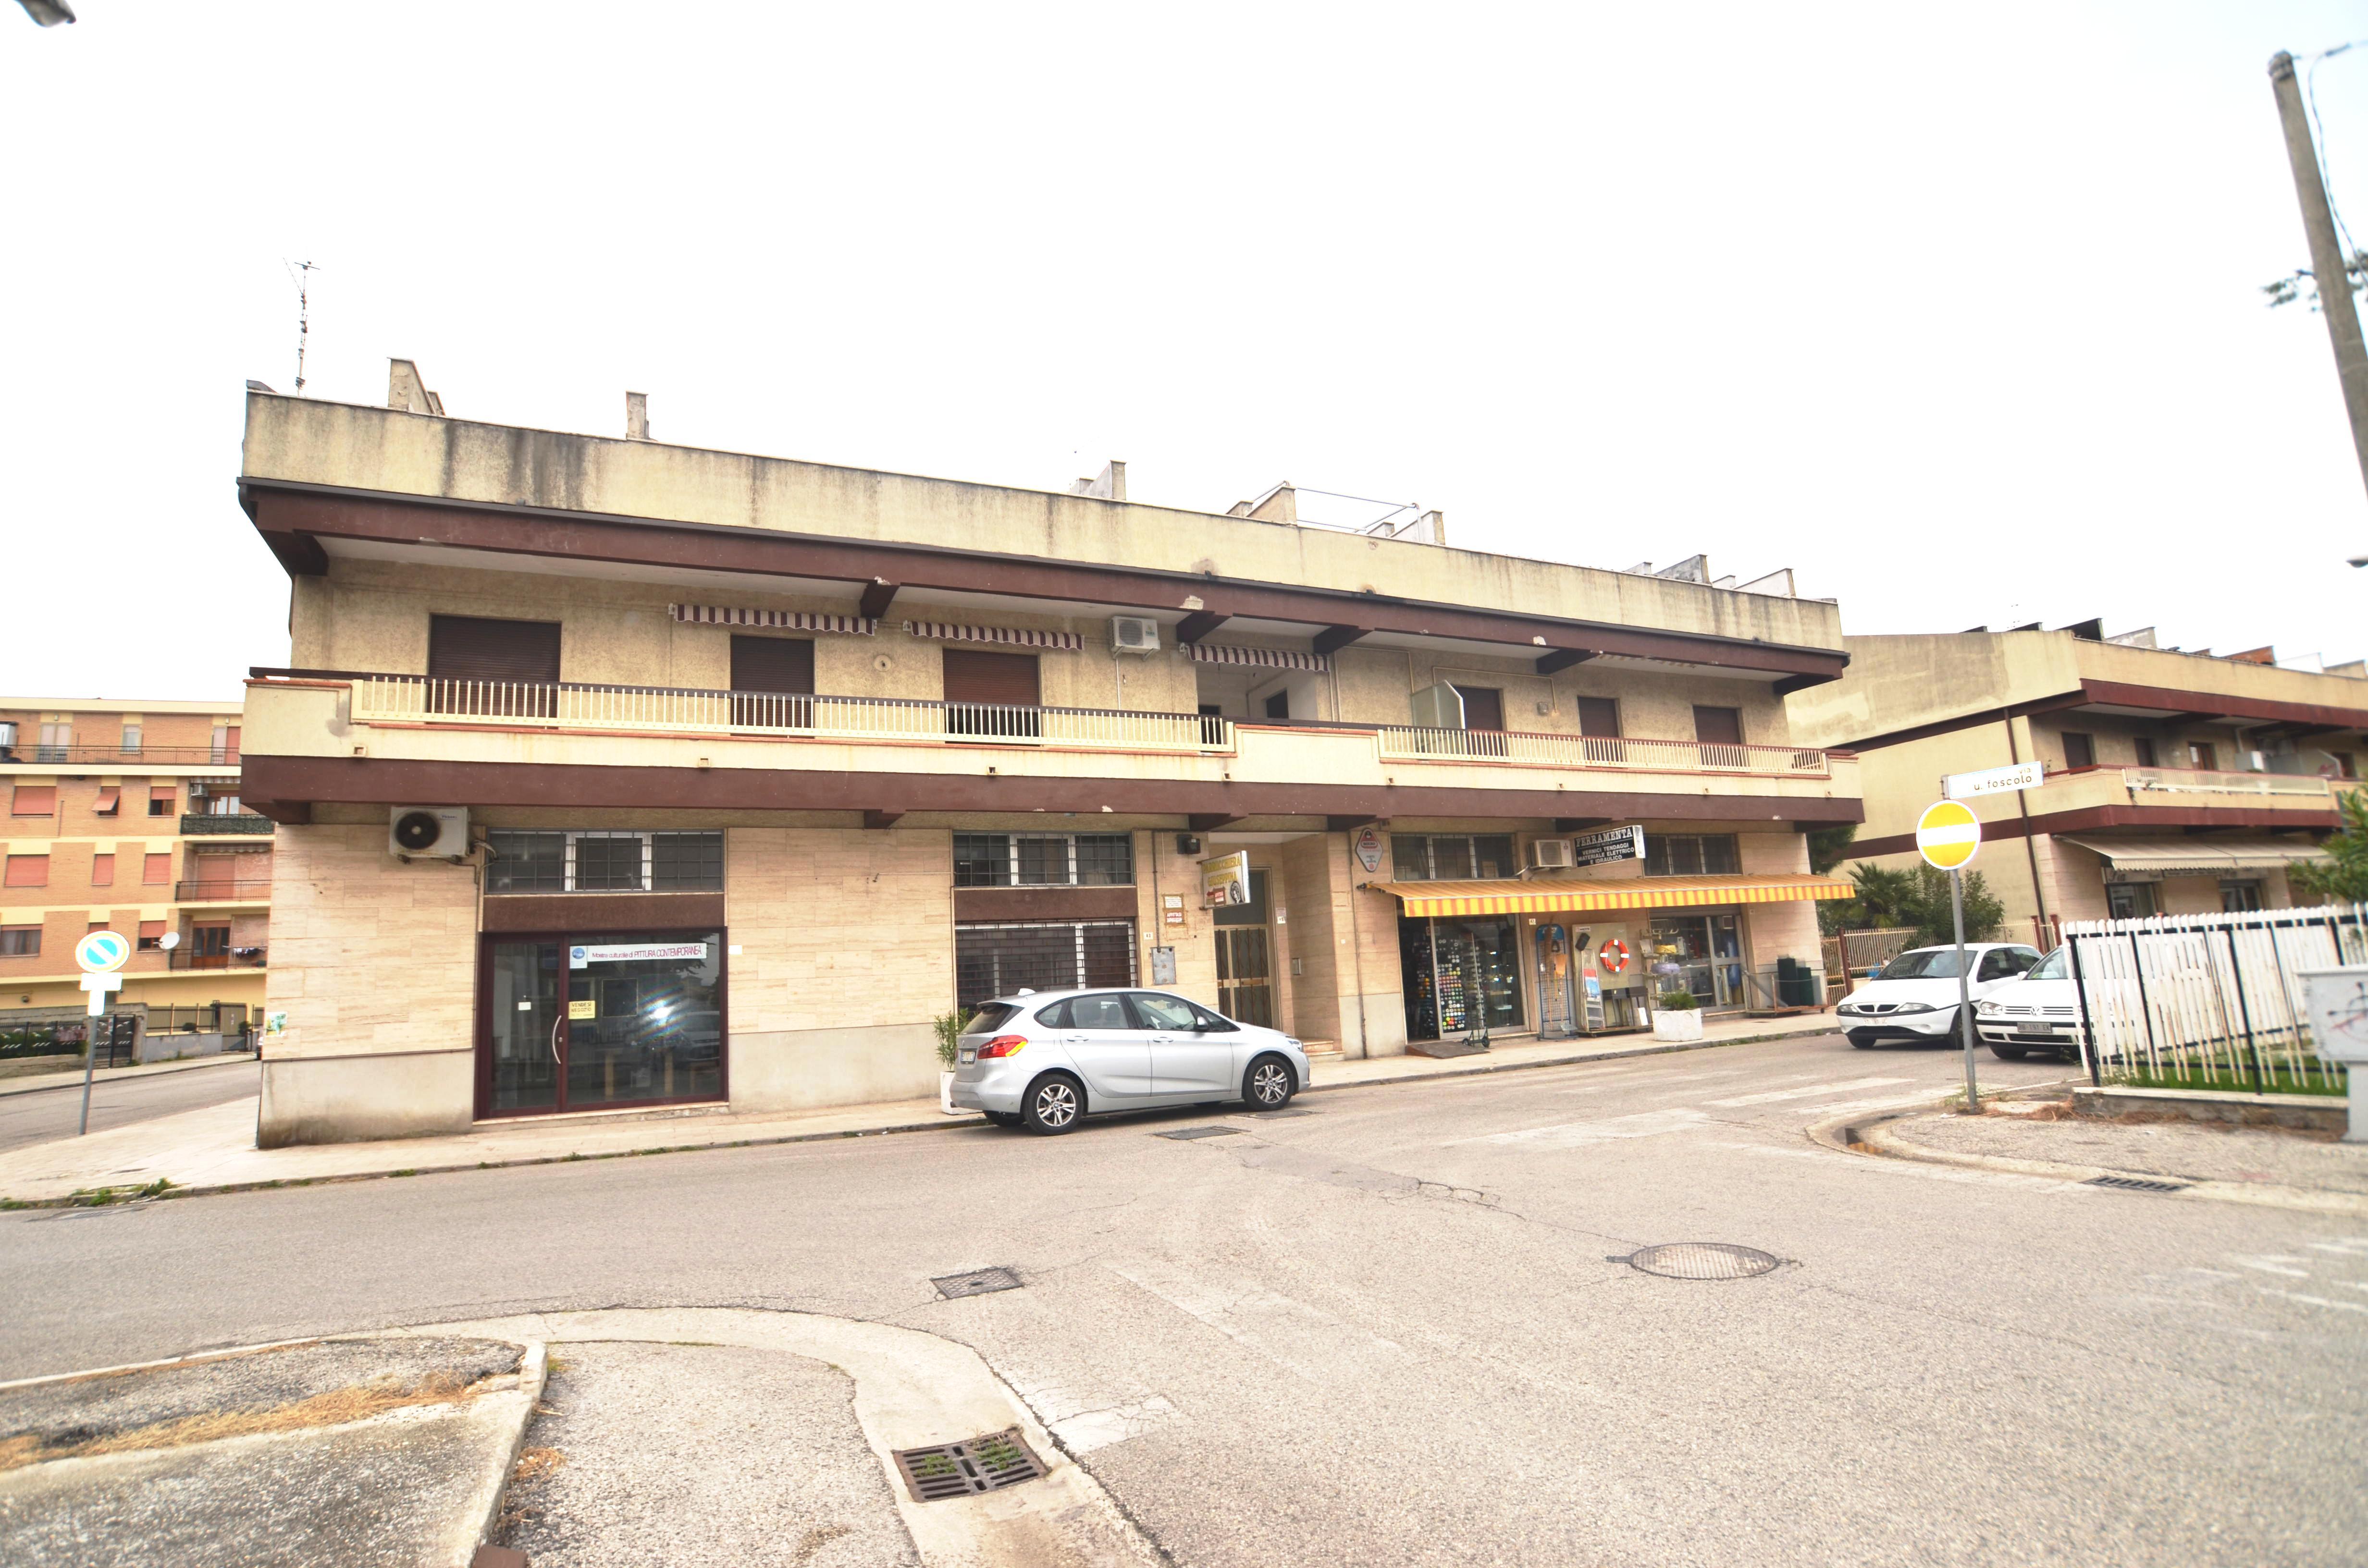 Appartamento in vendita a Martinsicuro, 3 locali, zona Località: Centrale(traLaStatale16EdIlLungomare, prezzo € 110.000 | CambioCasa.it